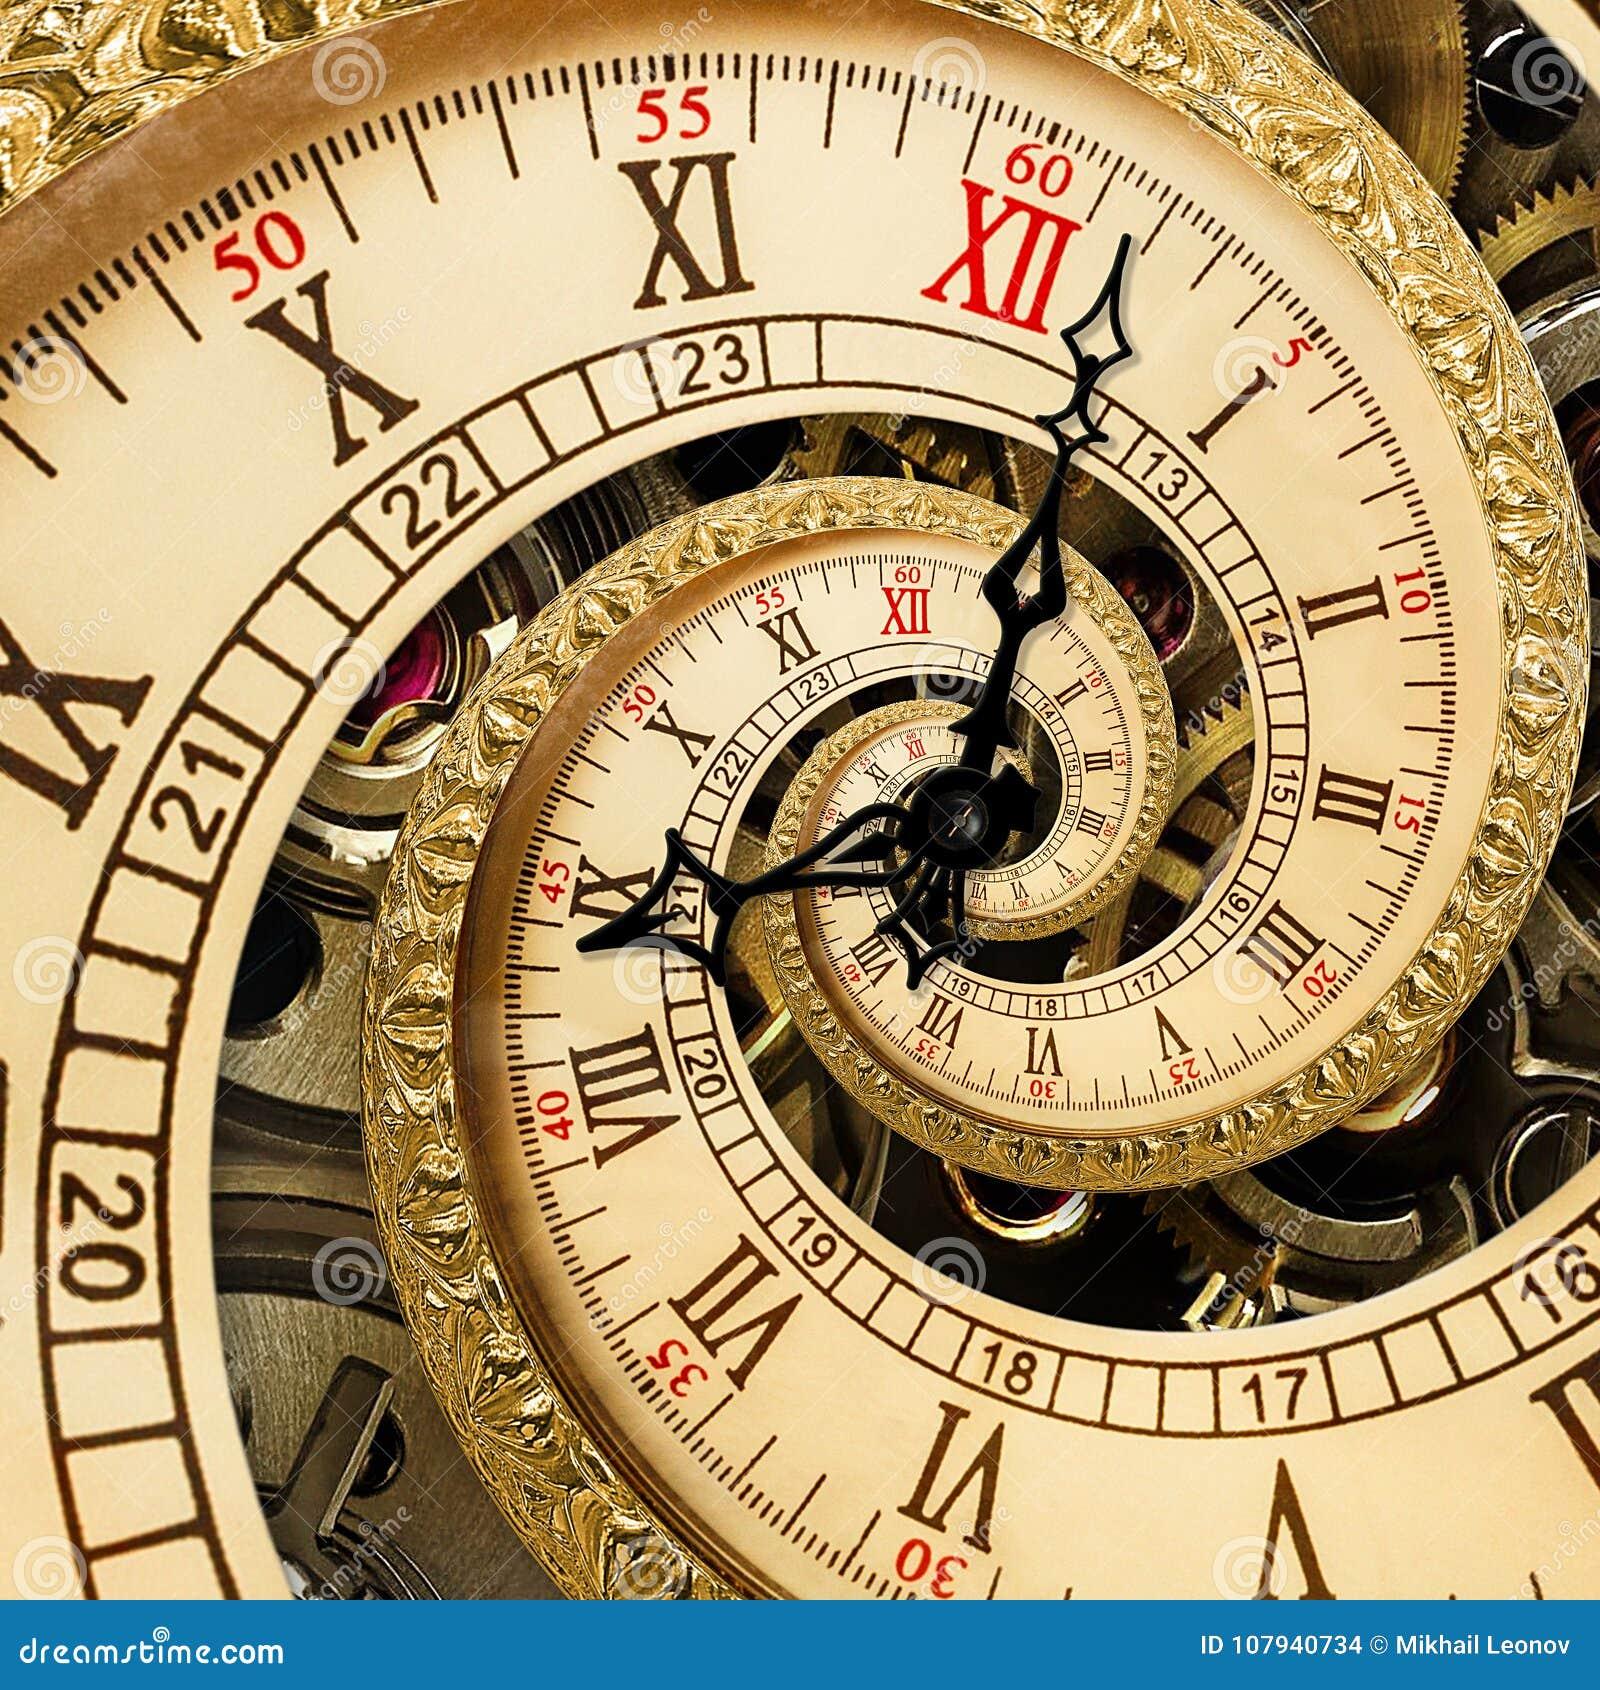 Vecchia spirale antica surreale di frattale dell estratto dell orologio Guardi gli orologi con il frattale astratto insolito di s